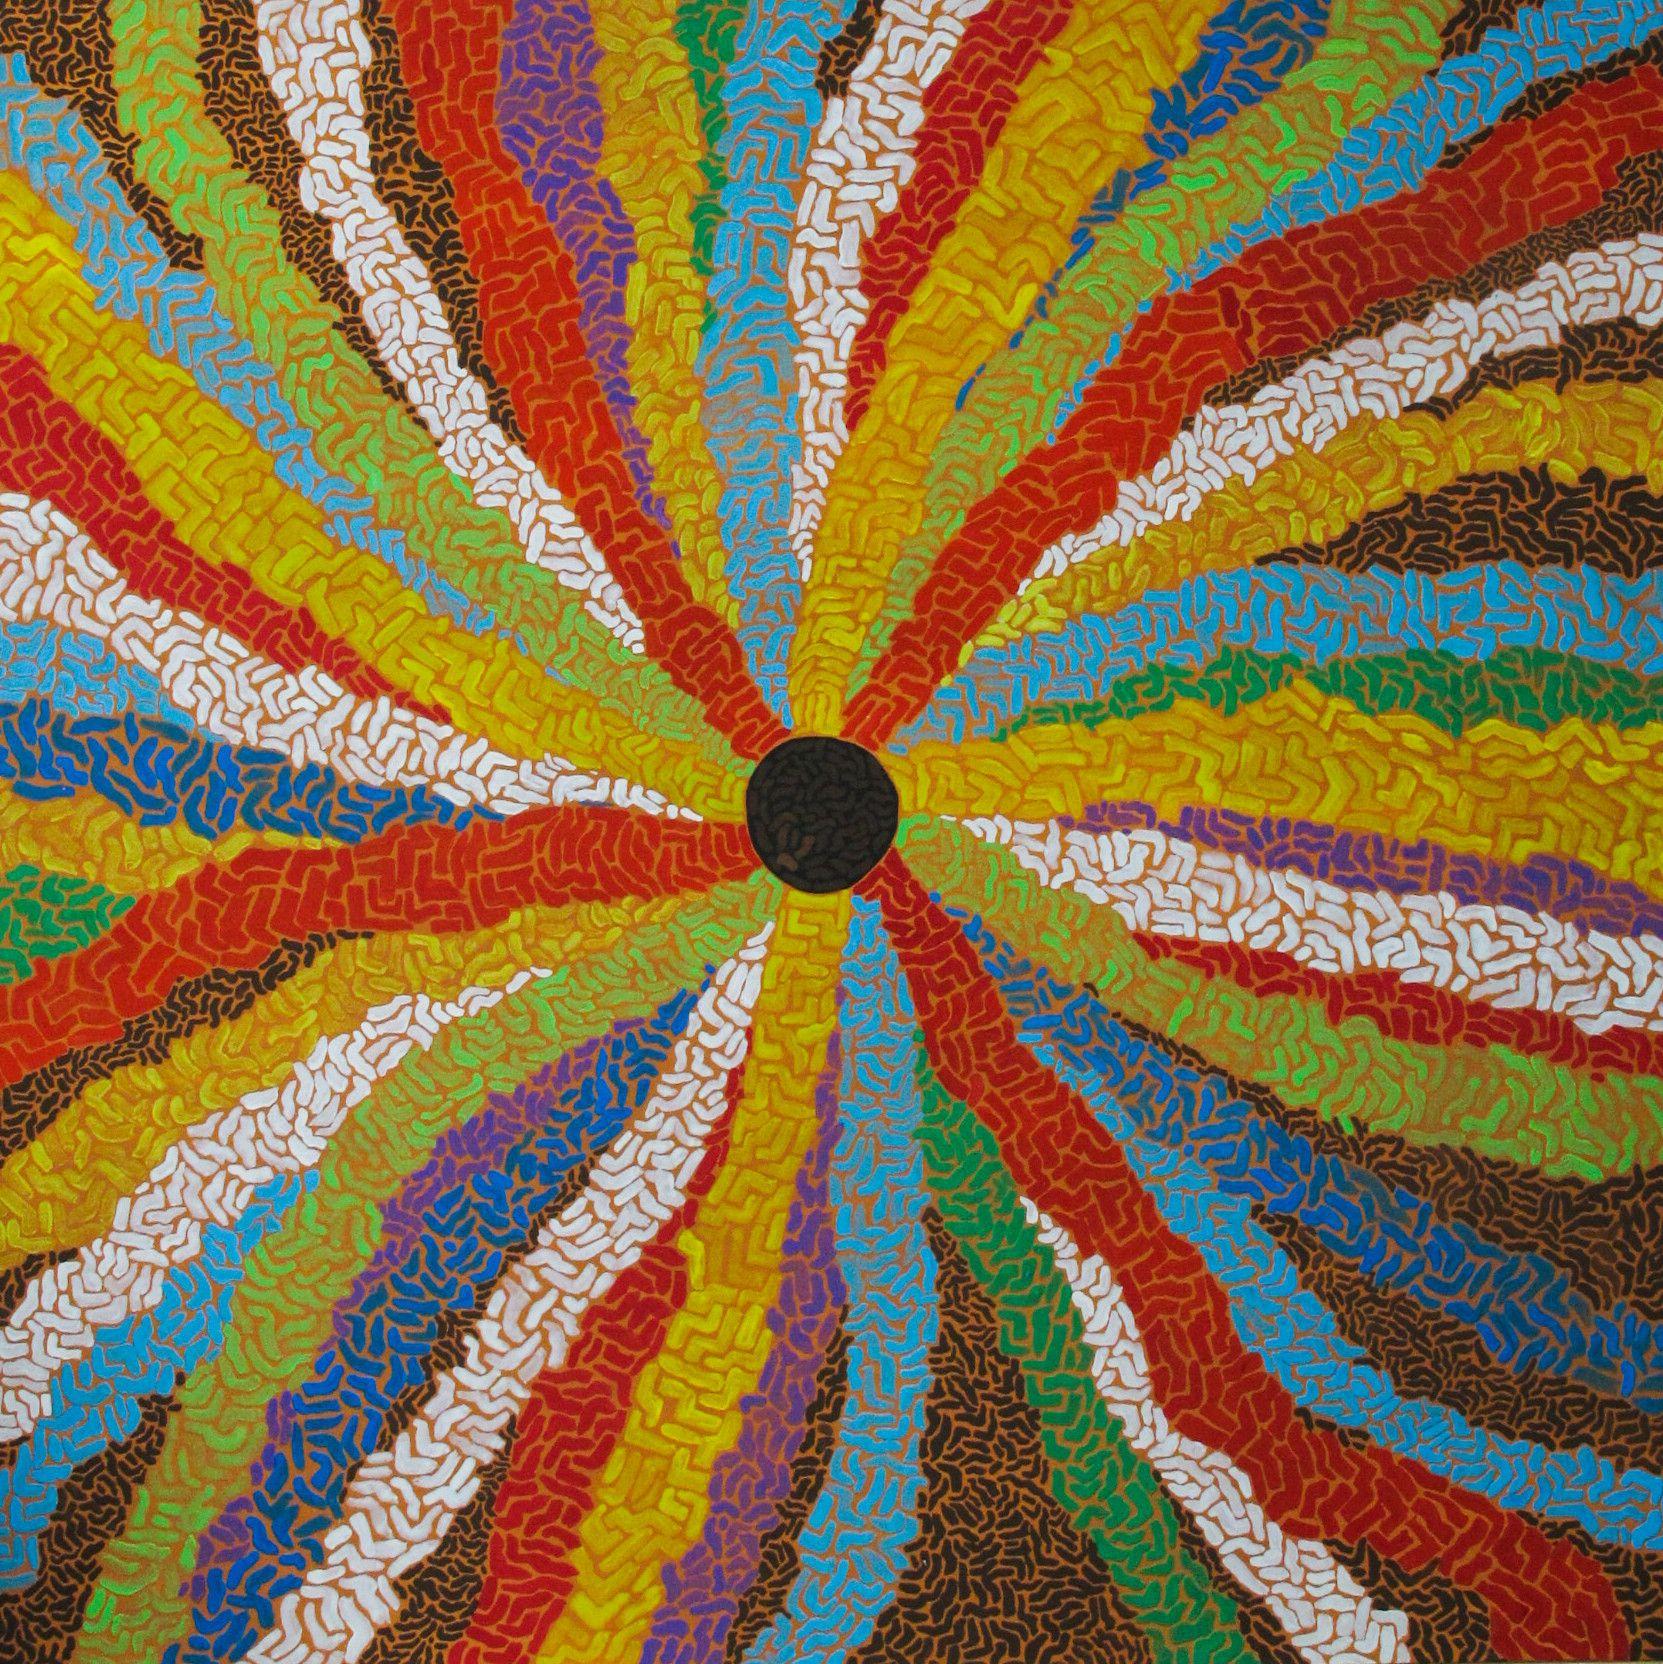 ACRILICO SU TELA  COSTANTINO GIOVINE ' FUTURO '  dimensioni L 80 x H 80 cm.